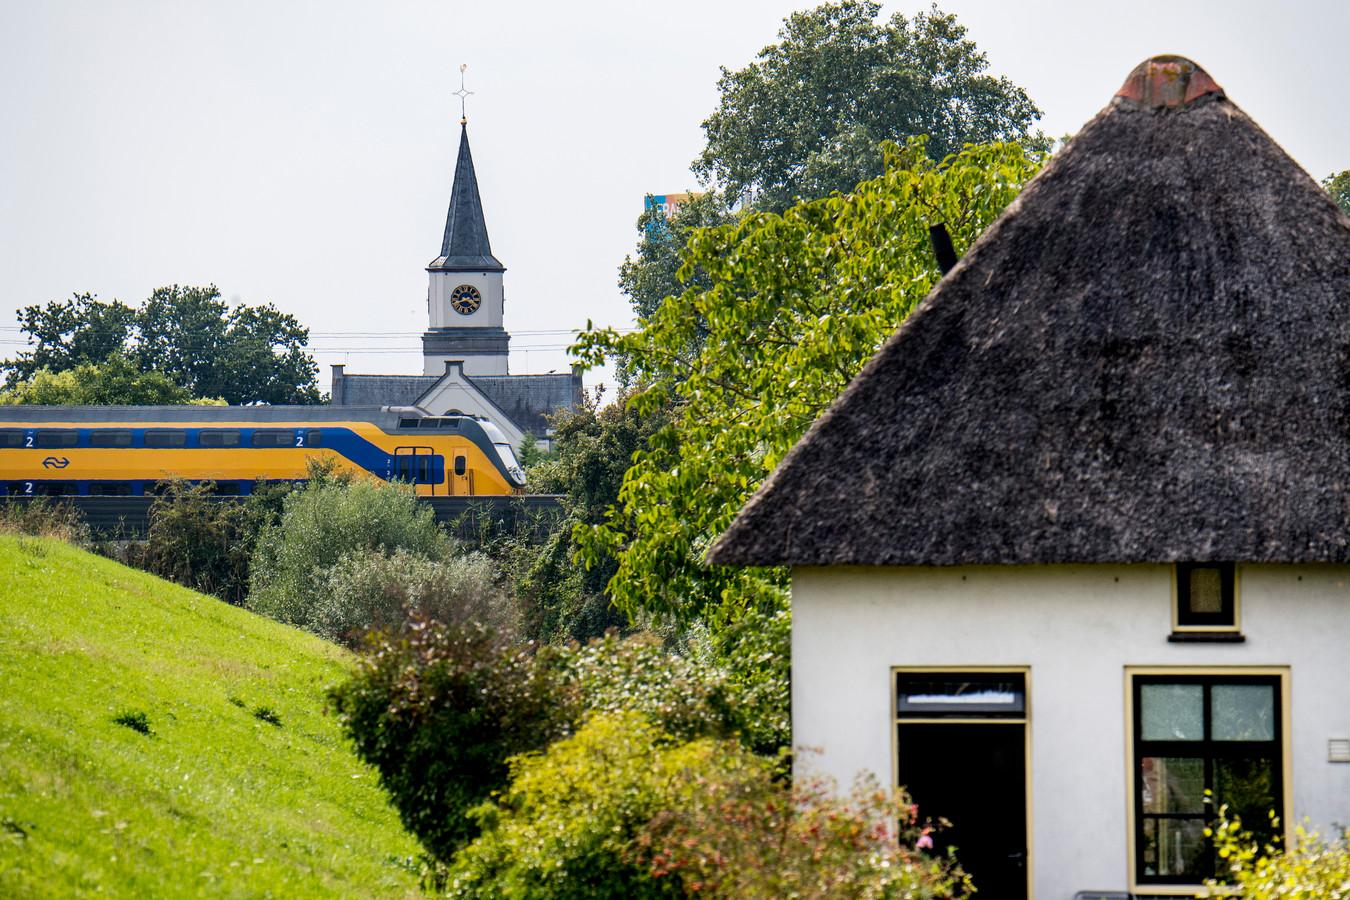 De Spoorwegovergang op de Waalbandijk in Waardenburg verdwijnt.